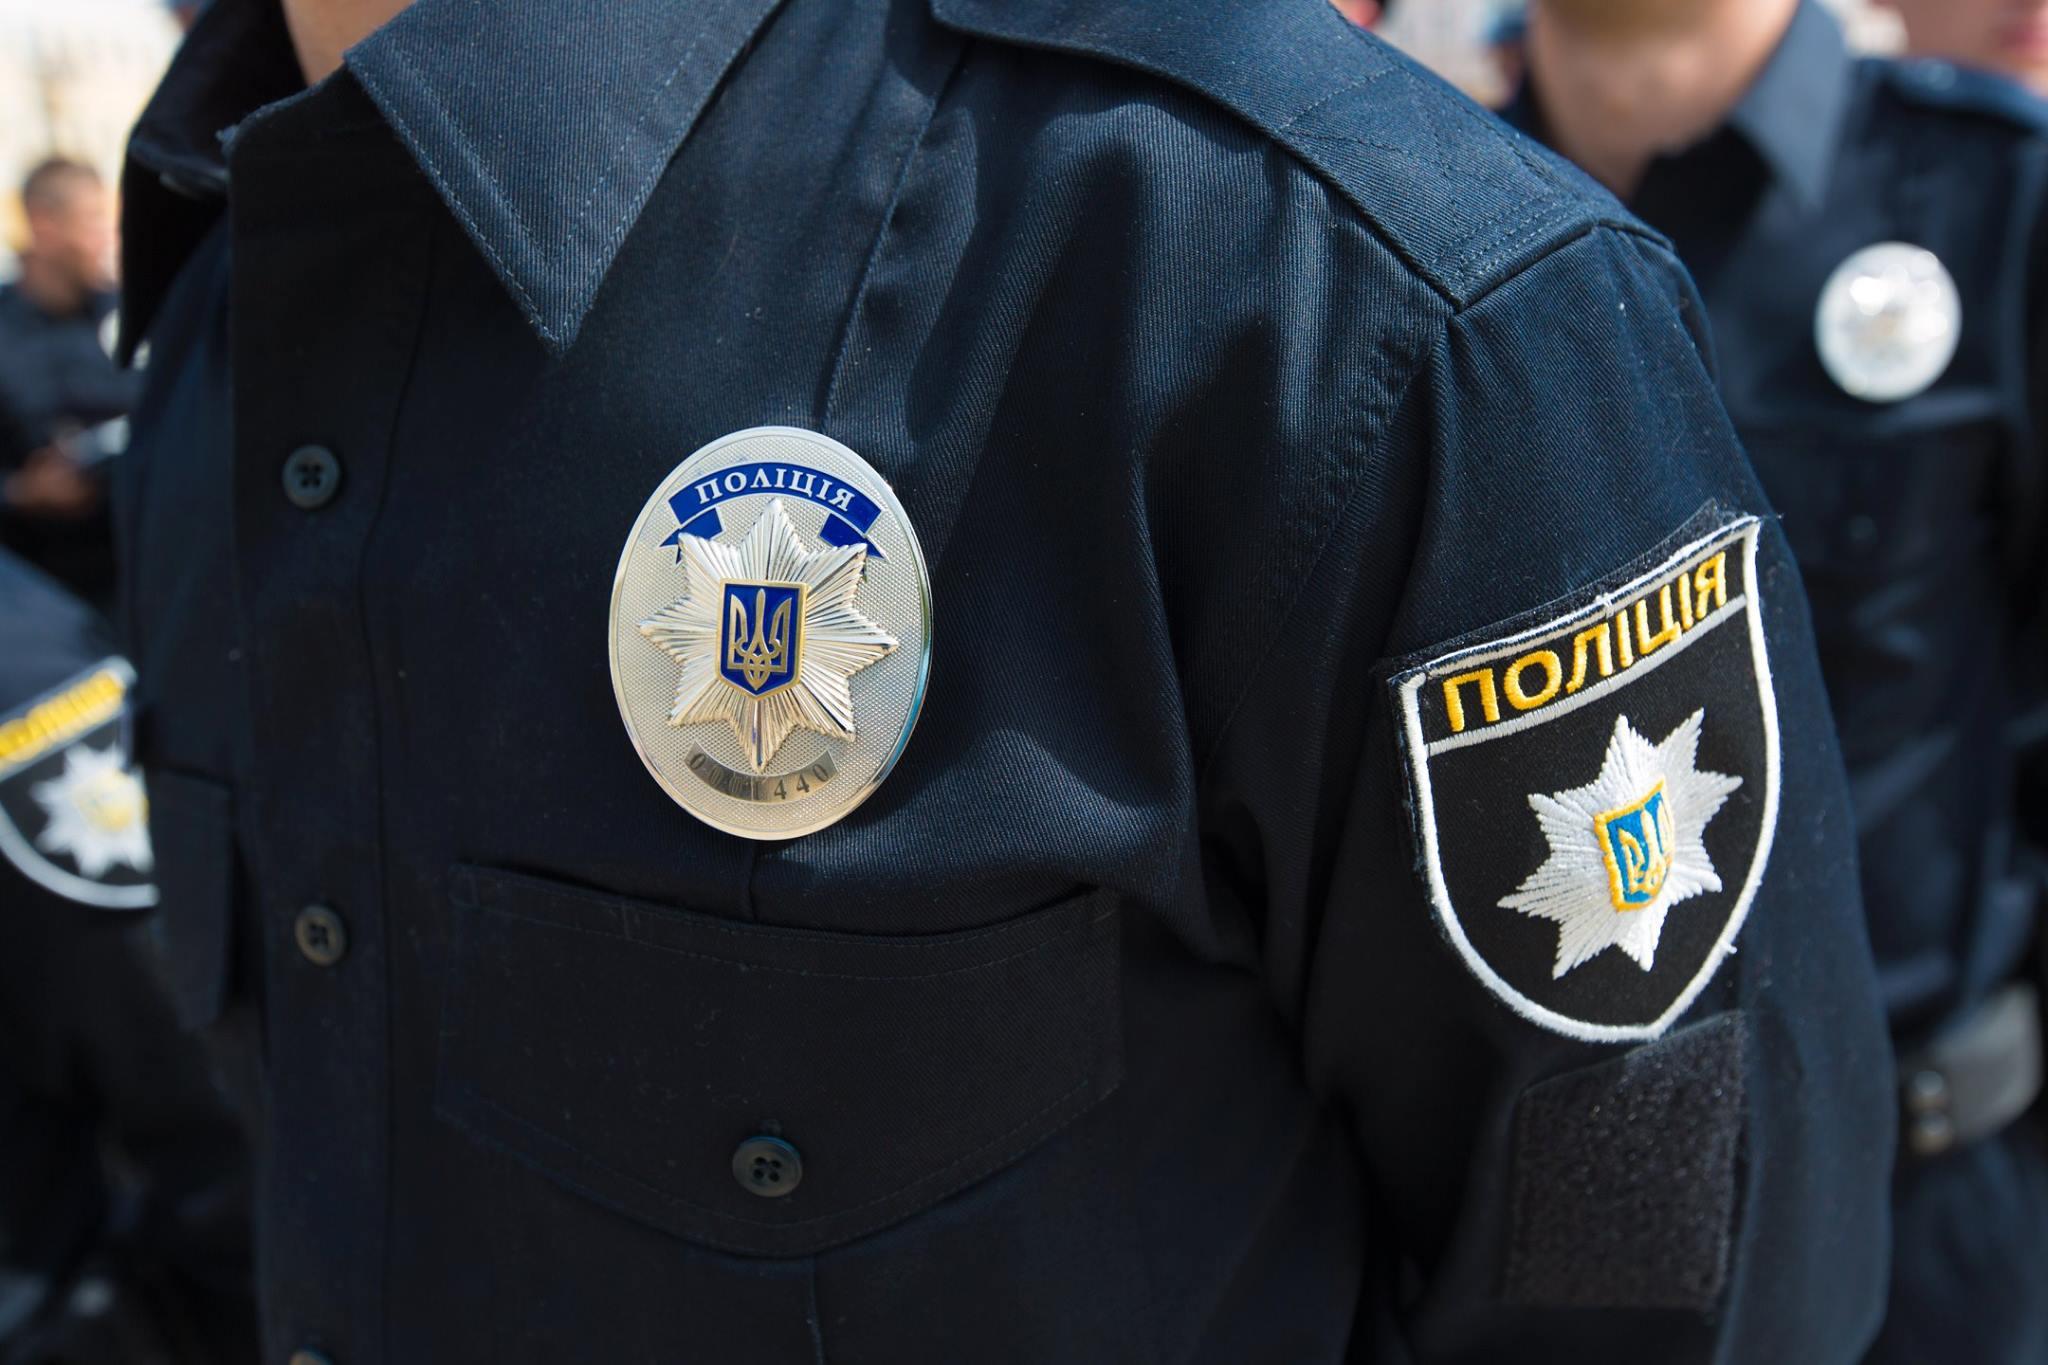 Поліція: львівський клуб загорівся через відкритий вогонь під час шоу